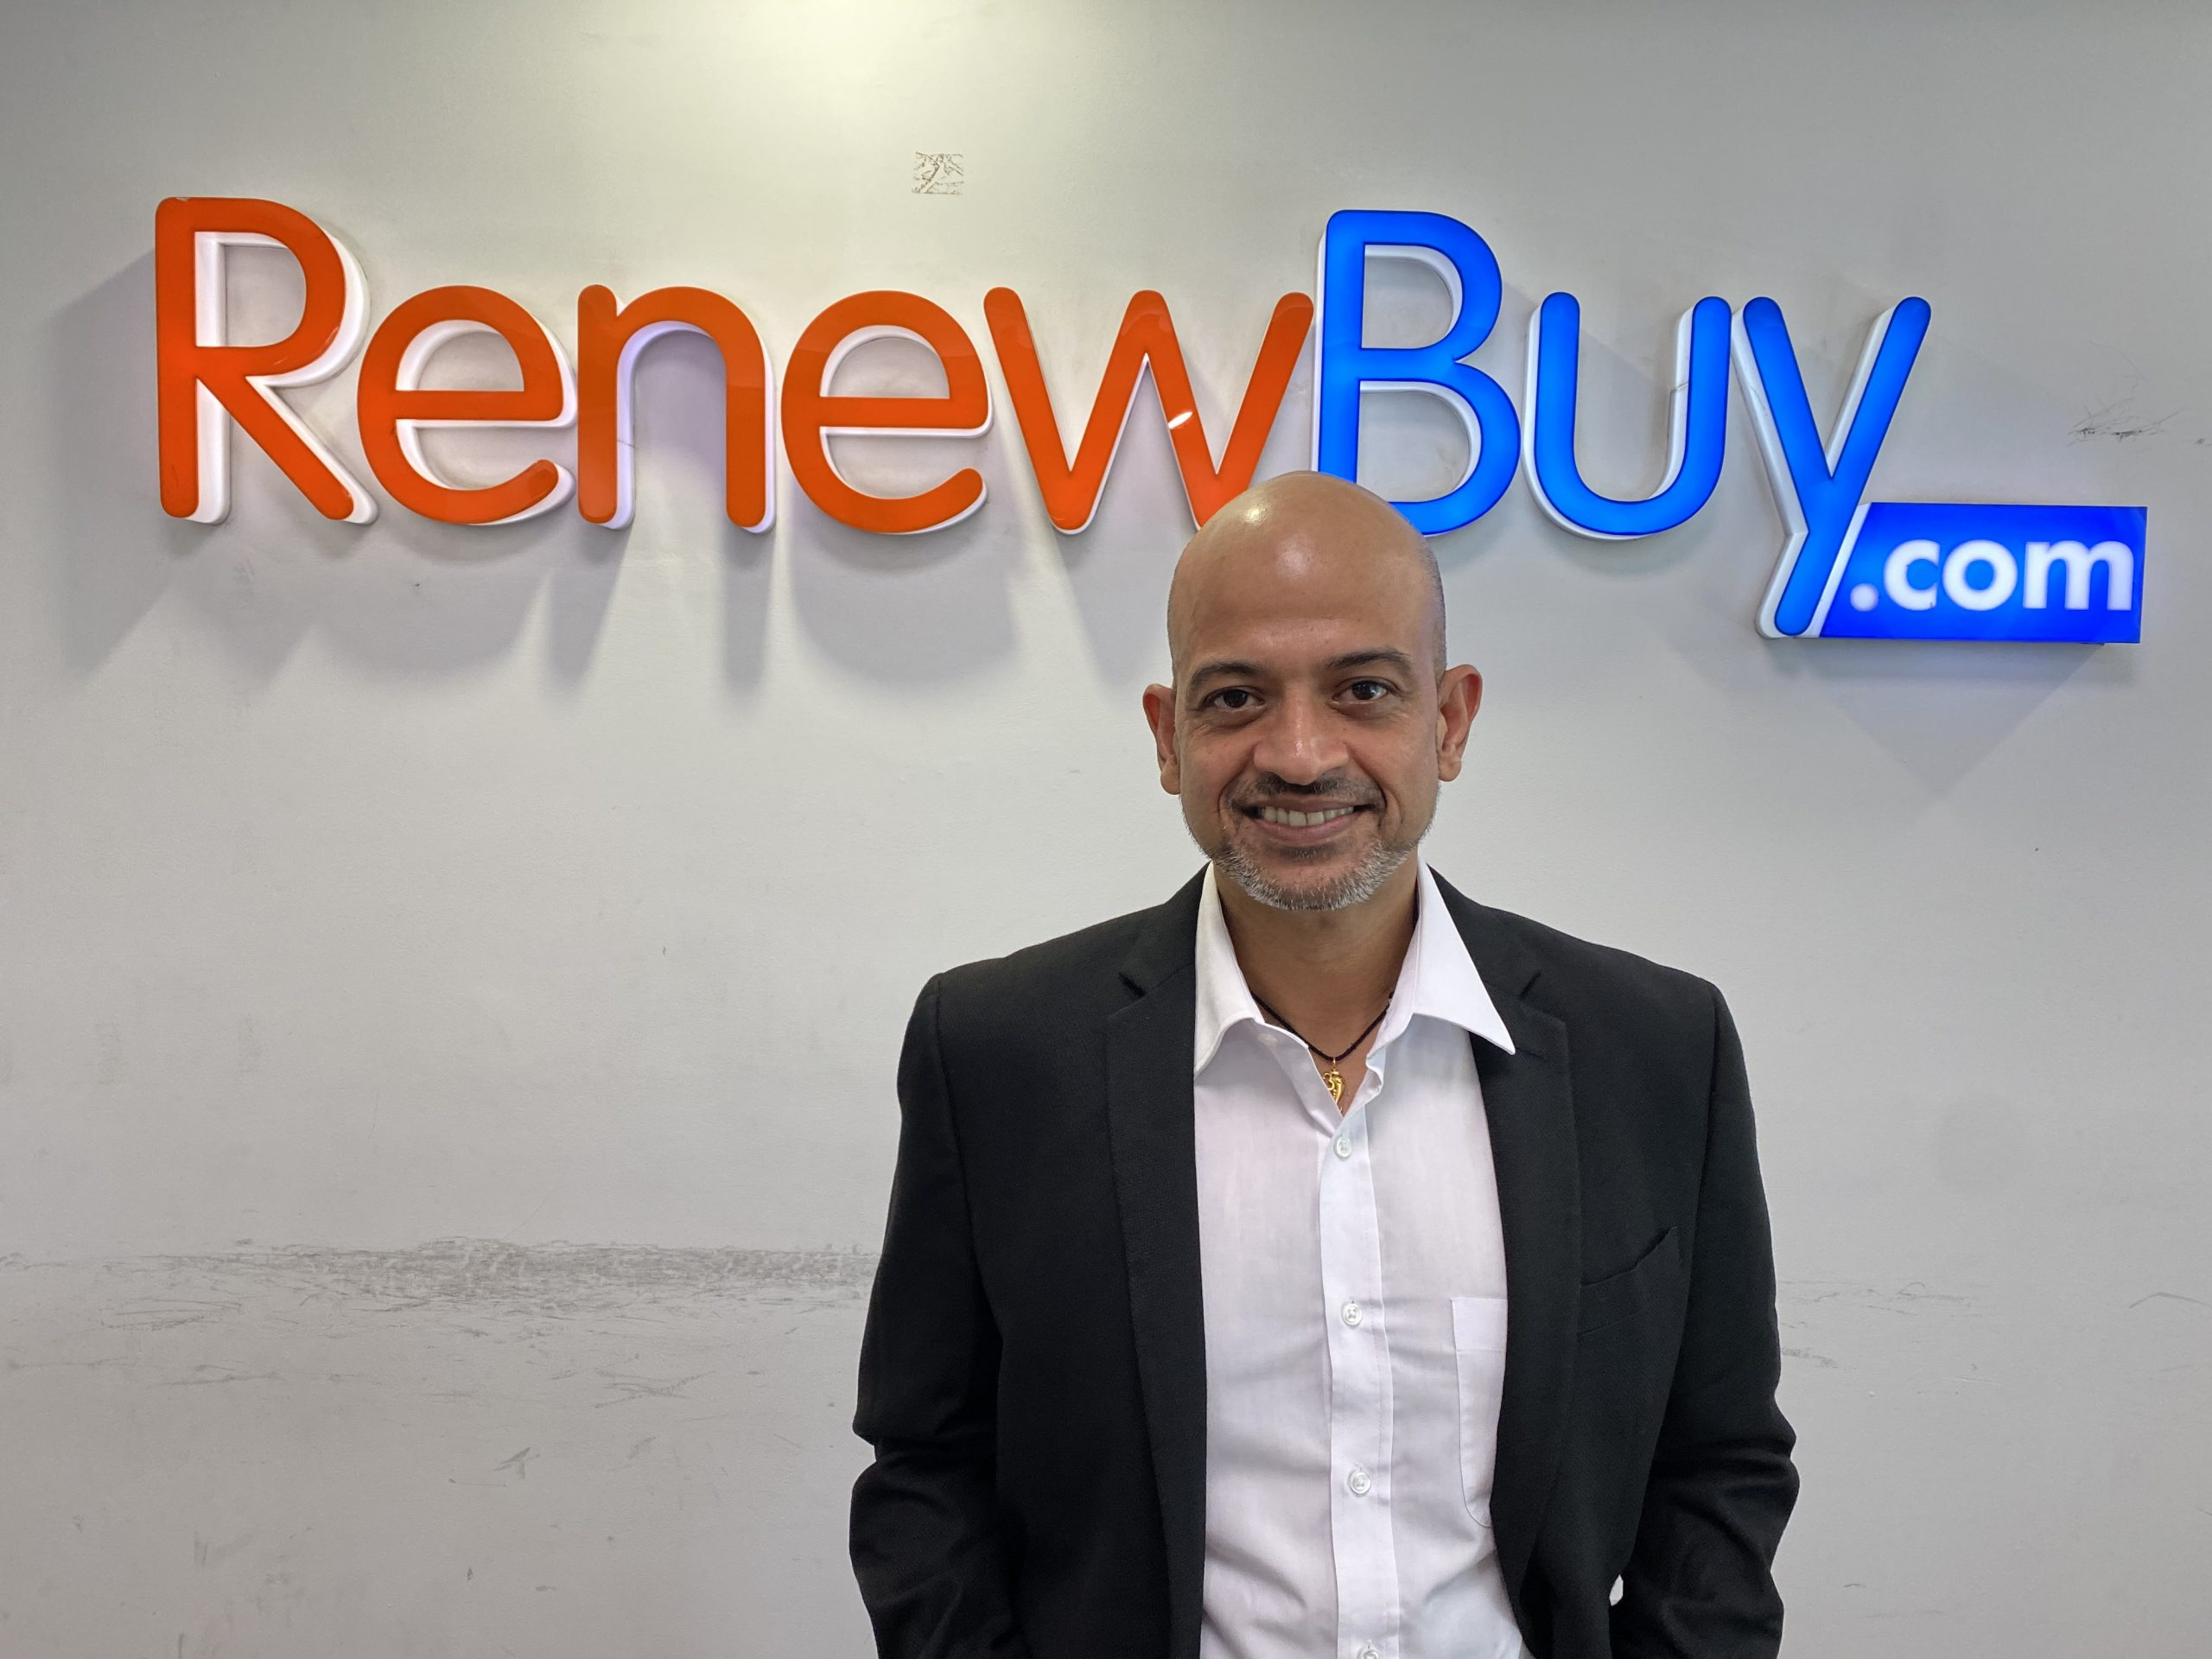 RenewBuy raised $45M